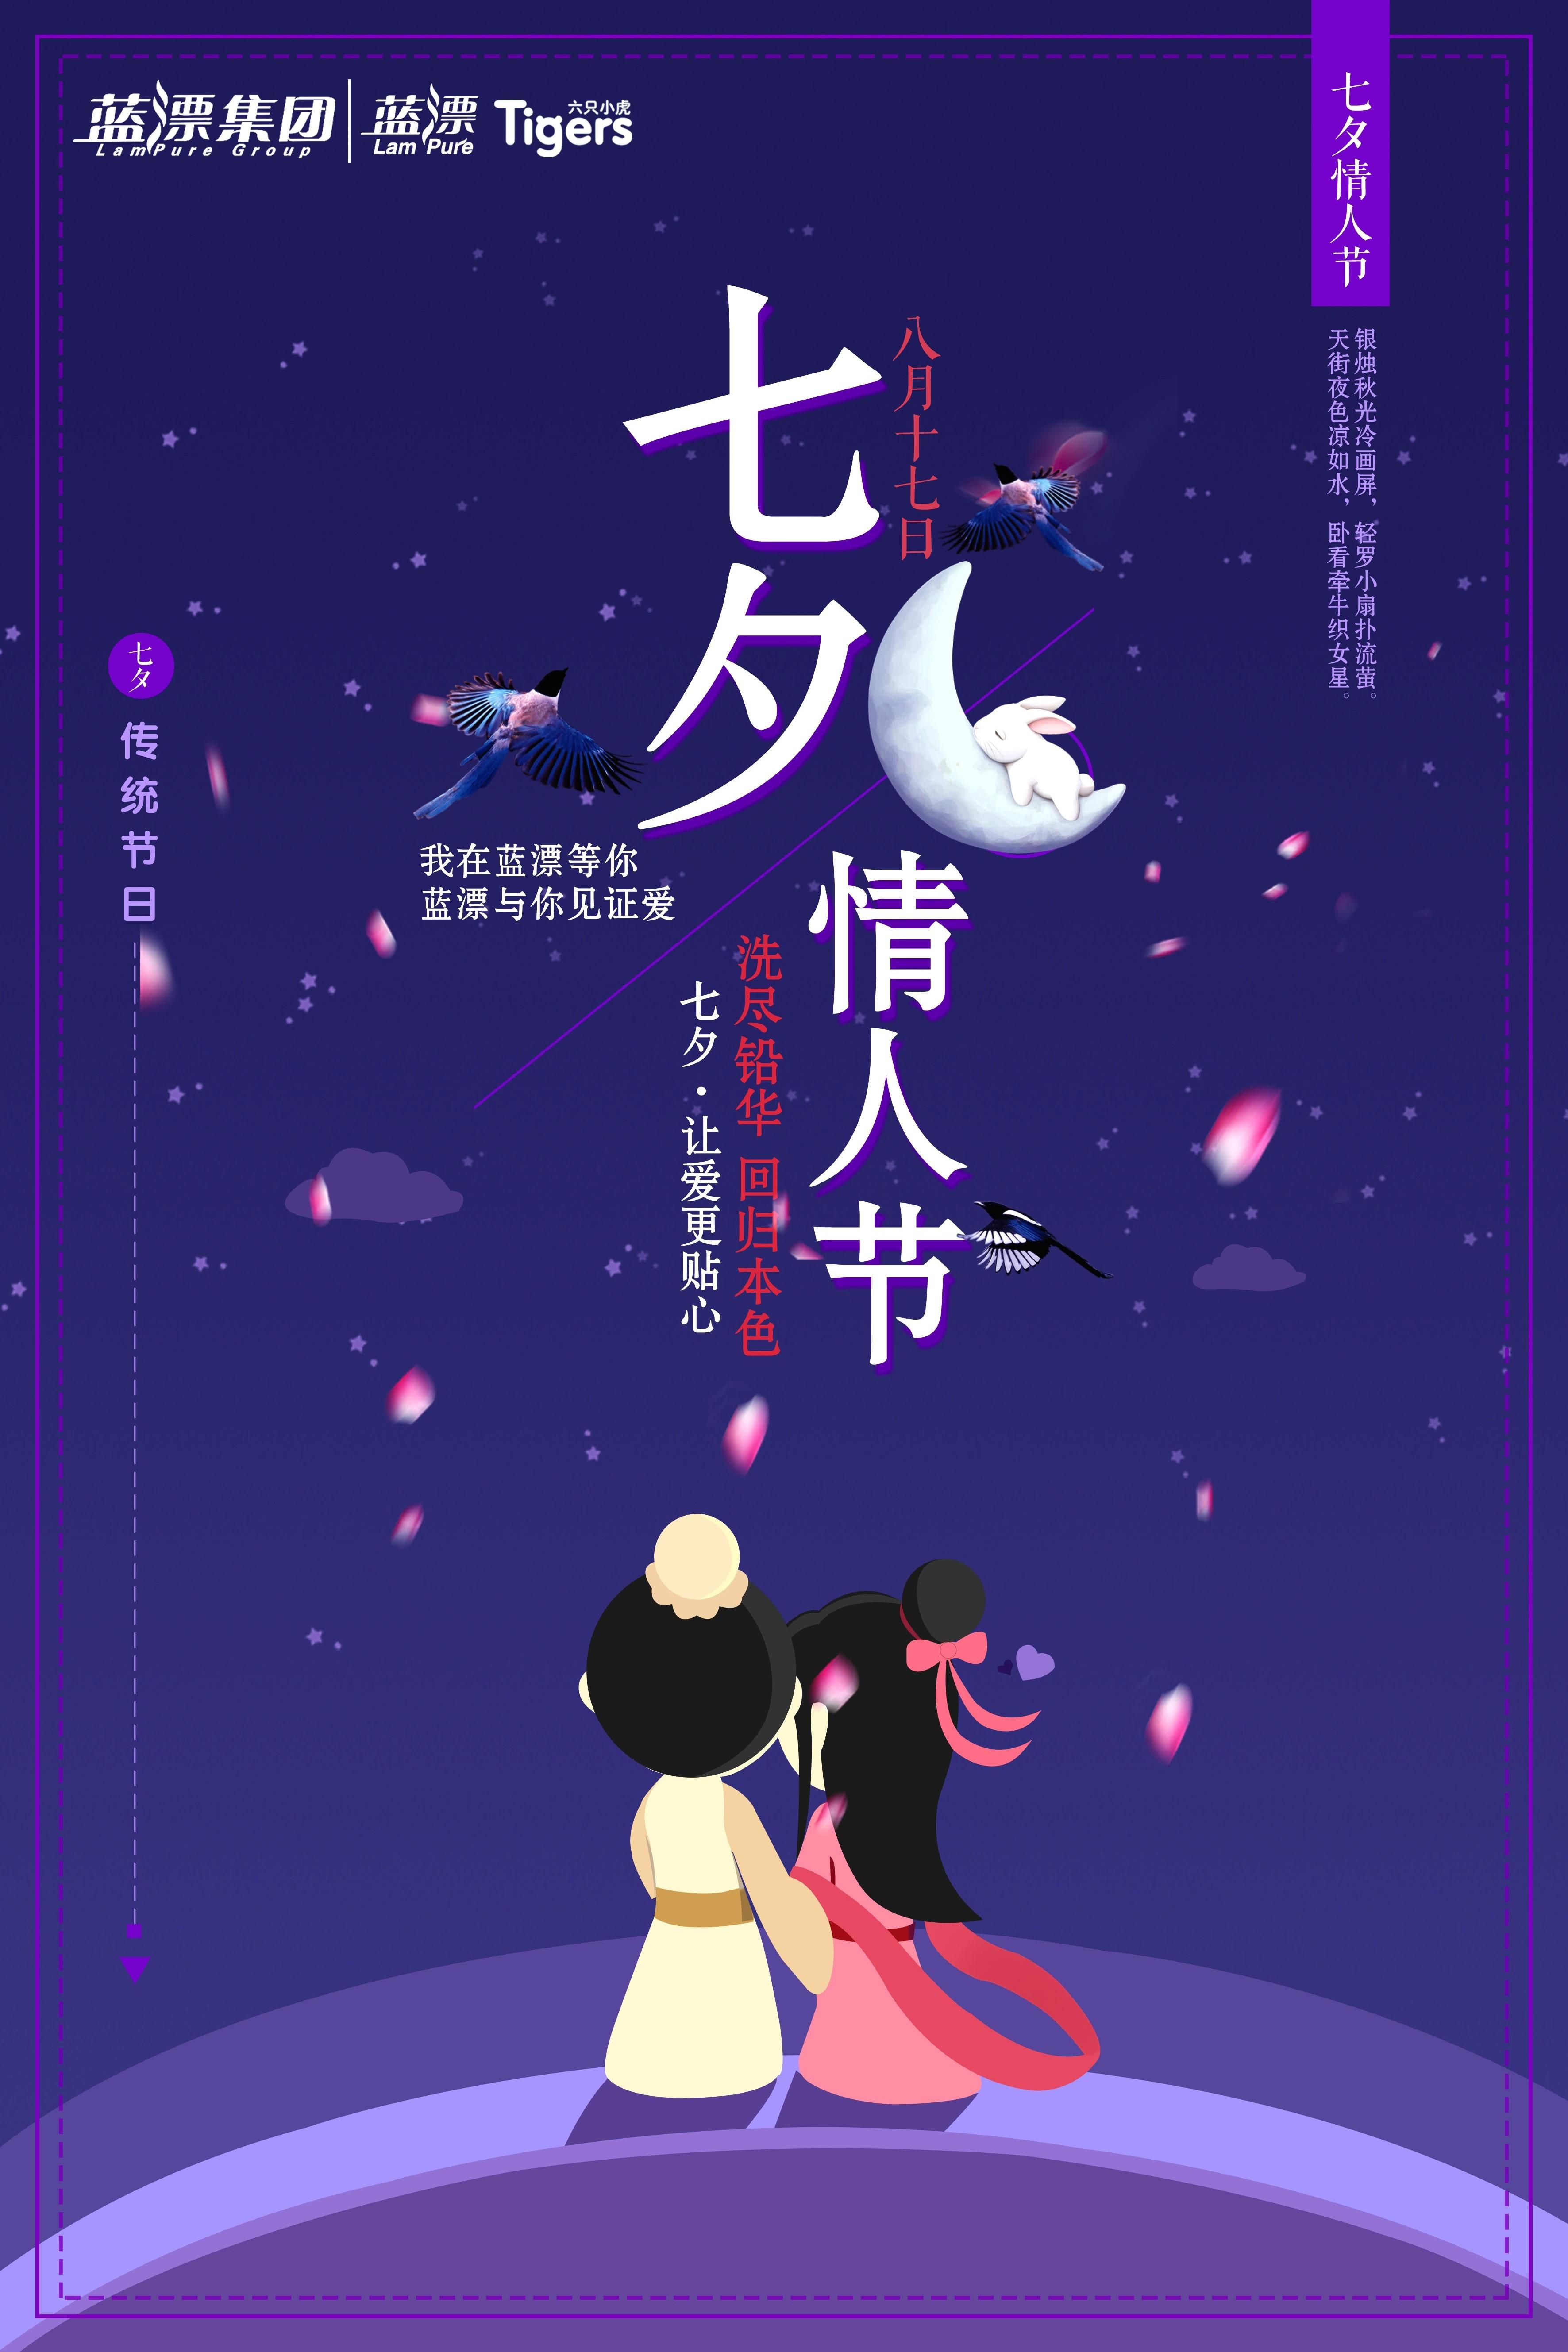 七夕佳节I纯球彩直播粤语app坊与您一起度过幸福时刻